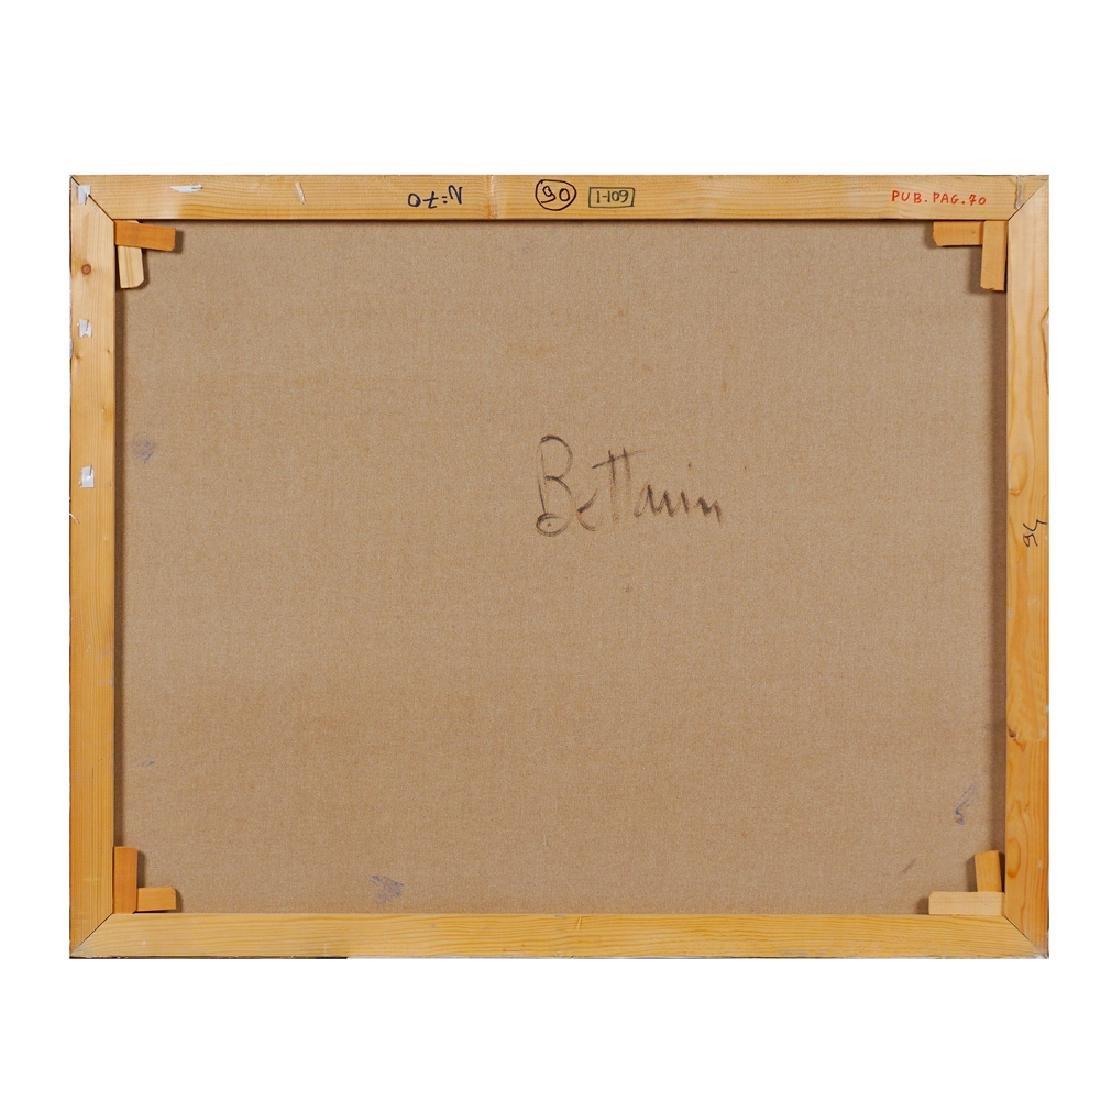 Lido Bettarini Firenze 1927 80x100 cm. - 2